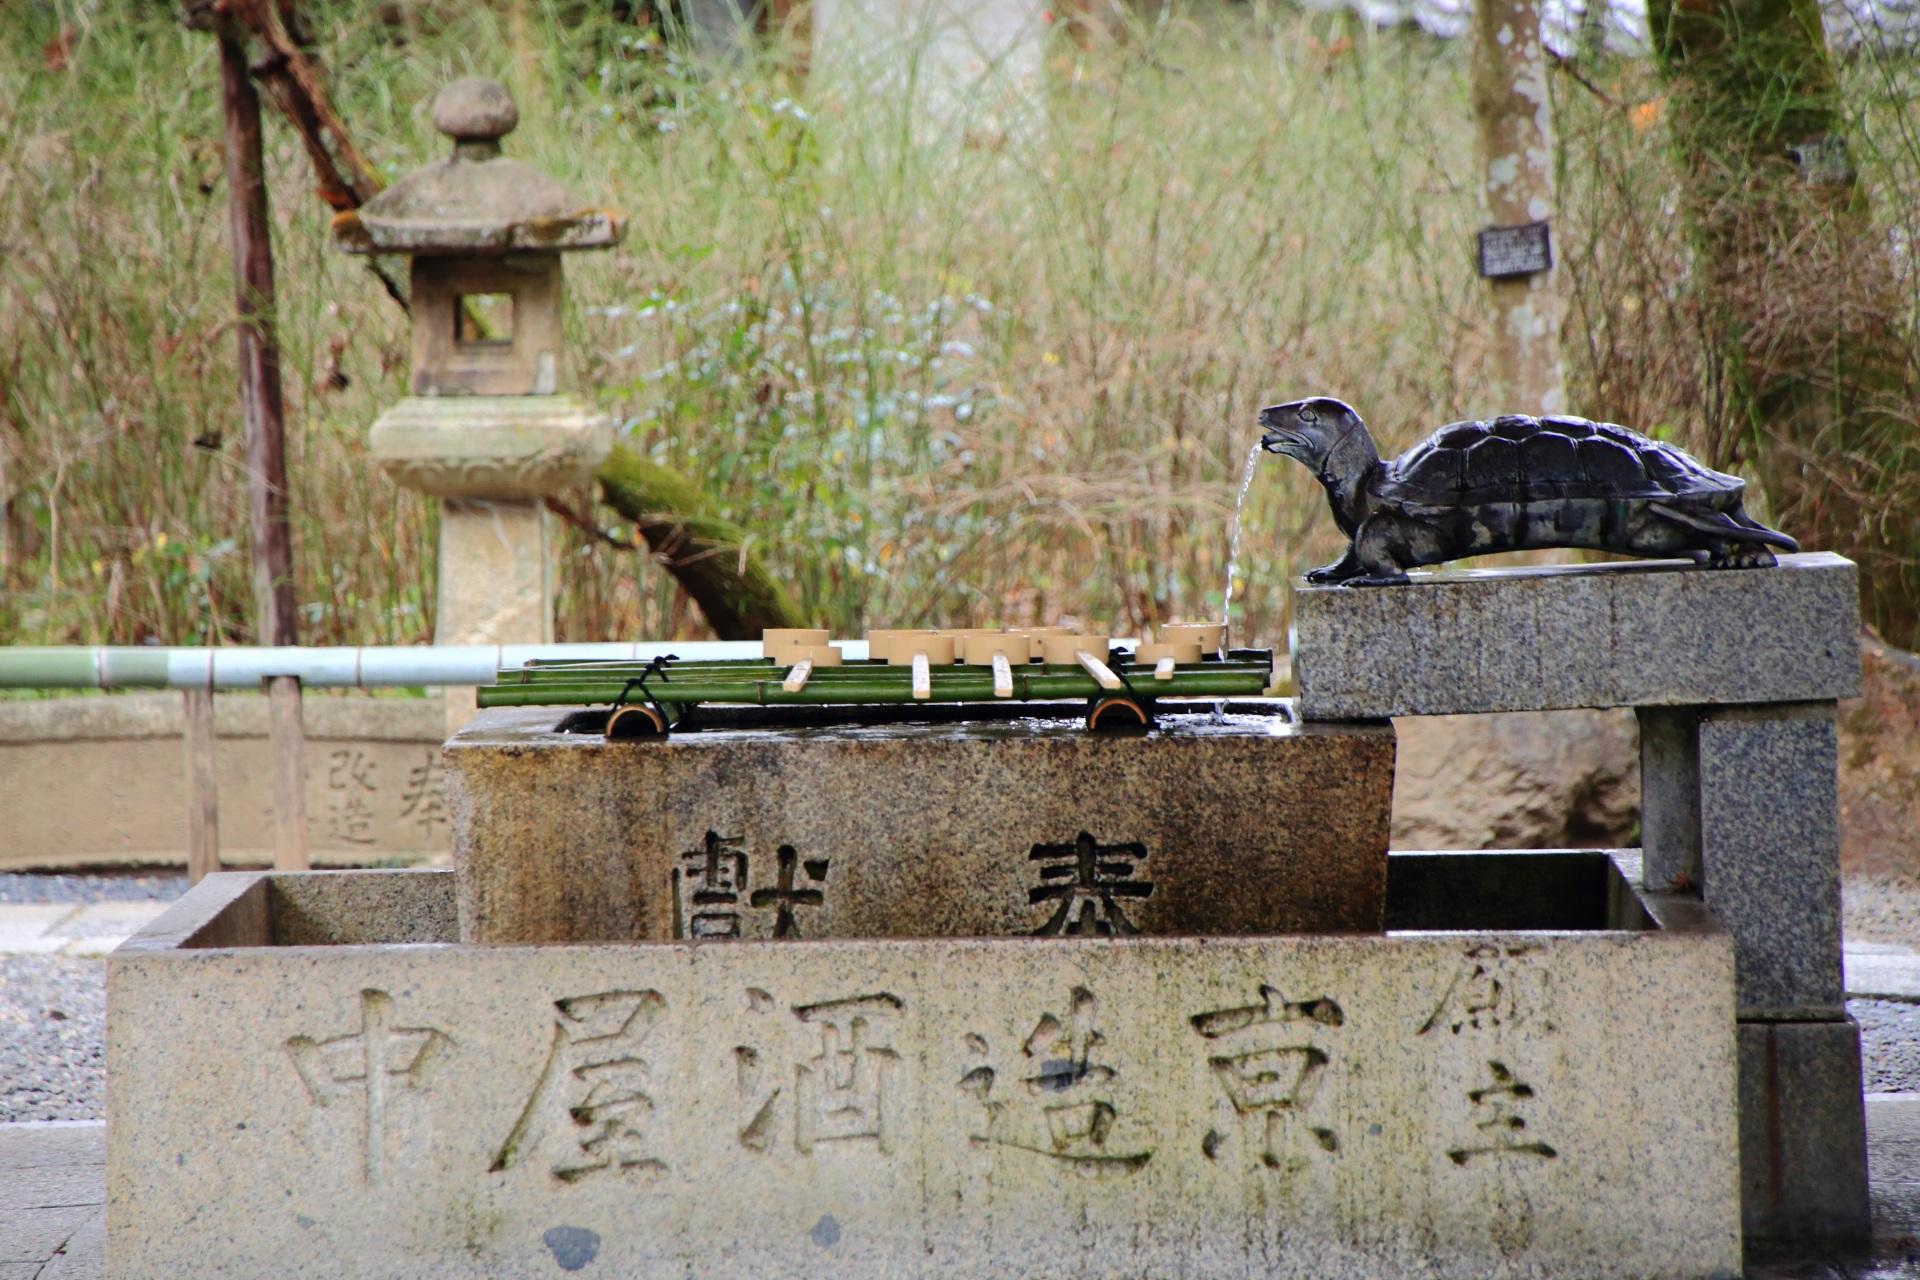 京都の松尾大社の亀の手水舎